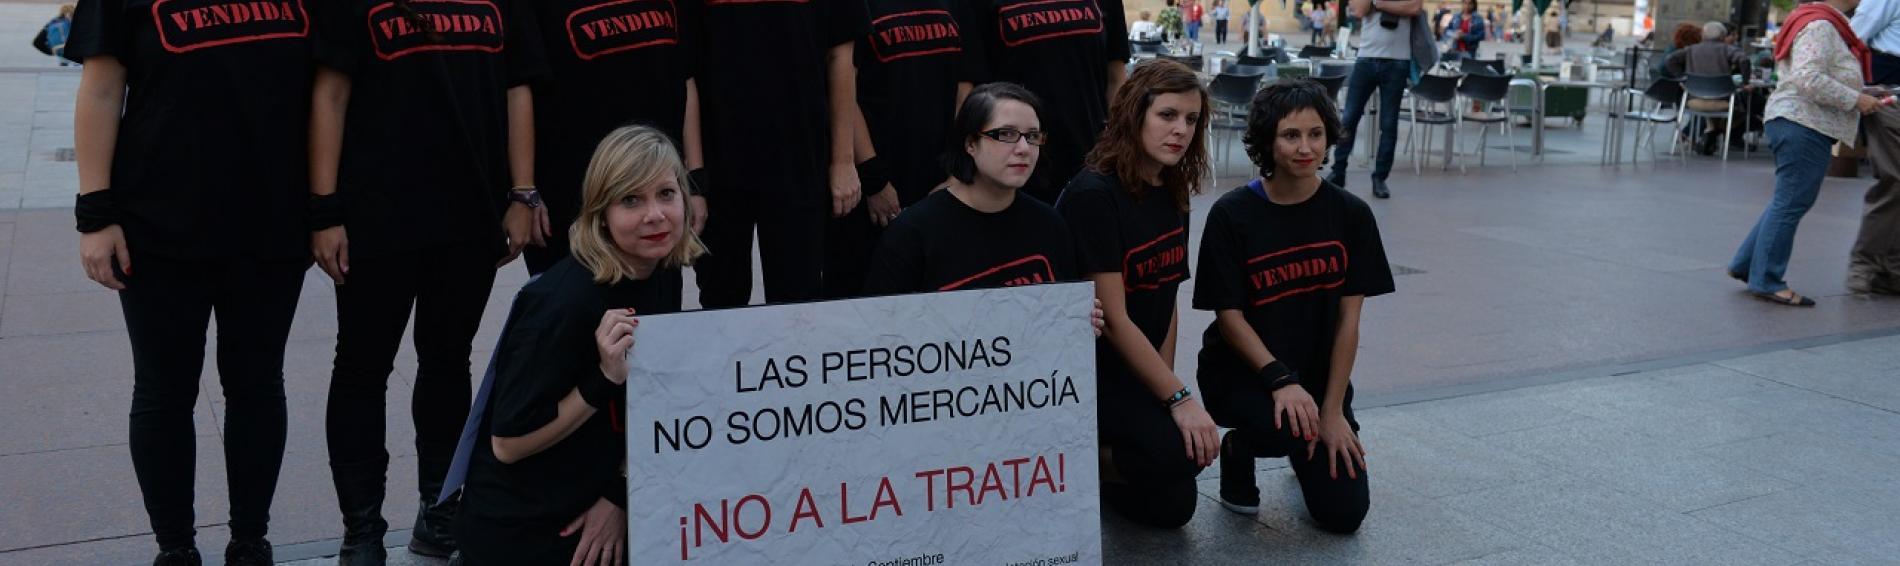 Voluntariado de Médicos del Mundo Aragón en acción de calle contra la trata